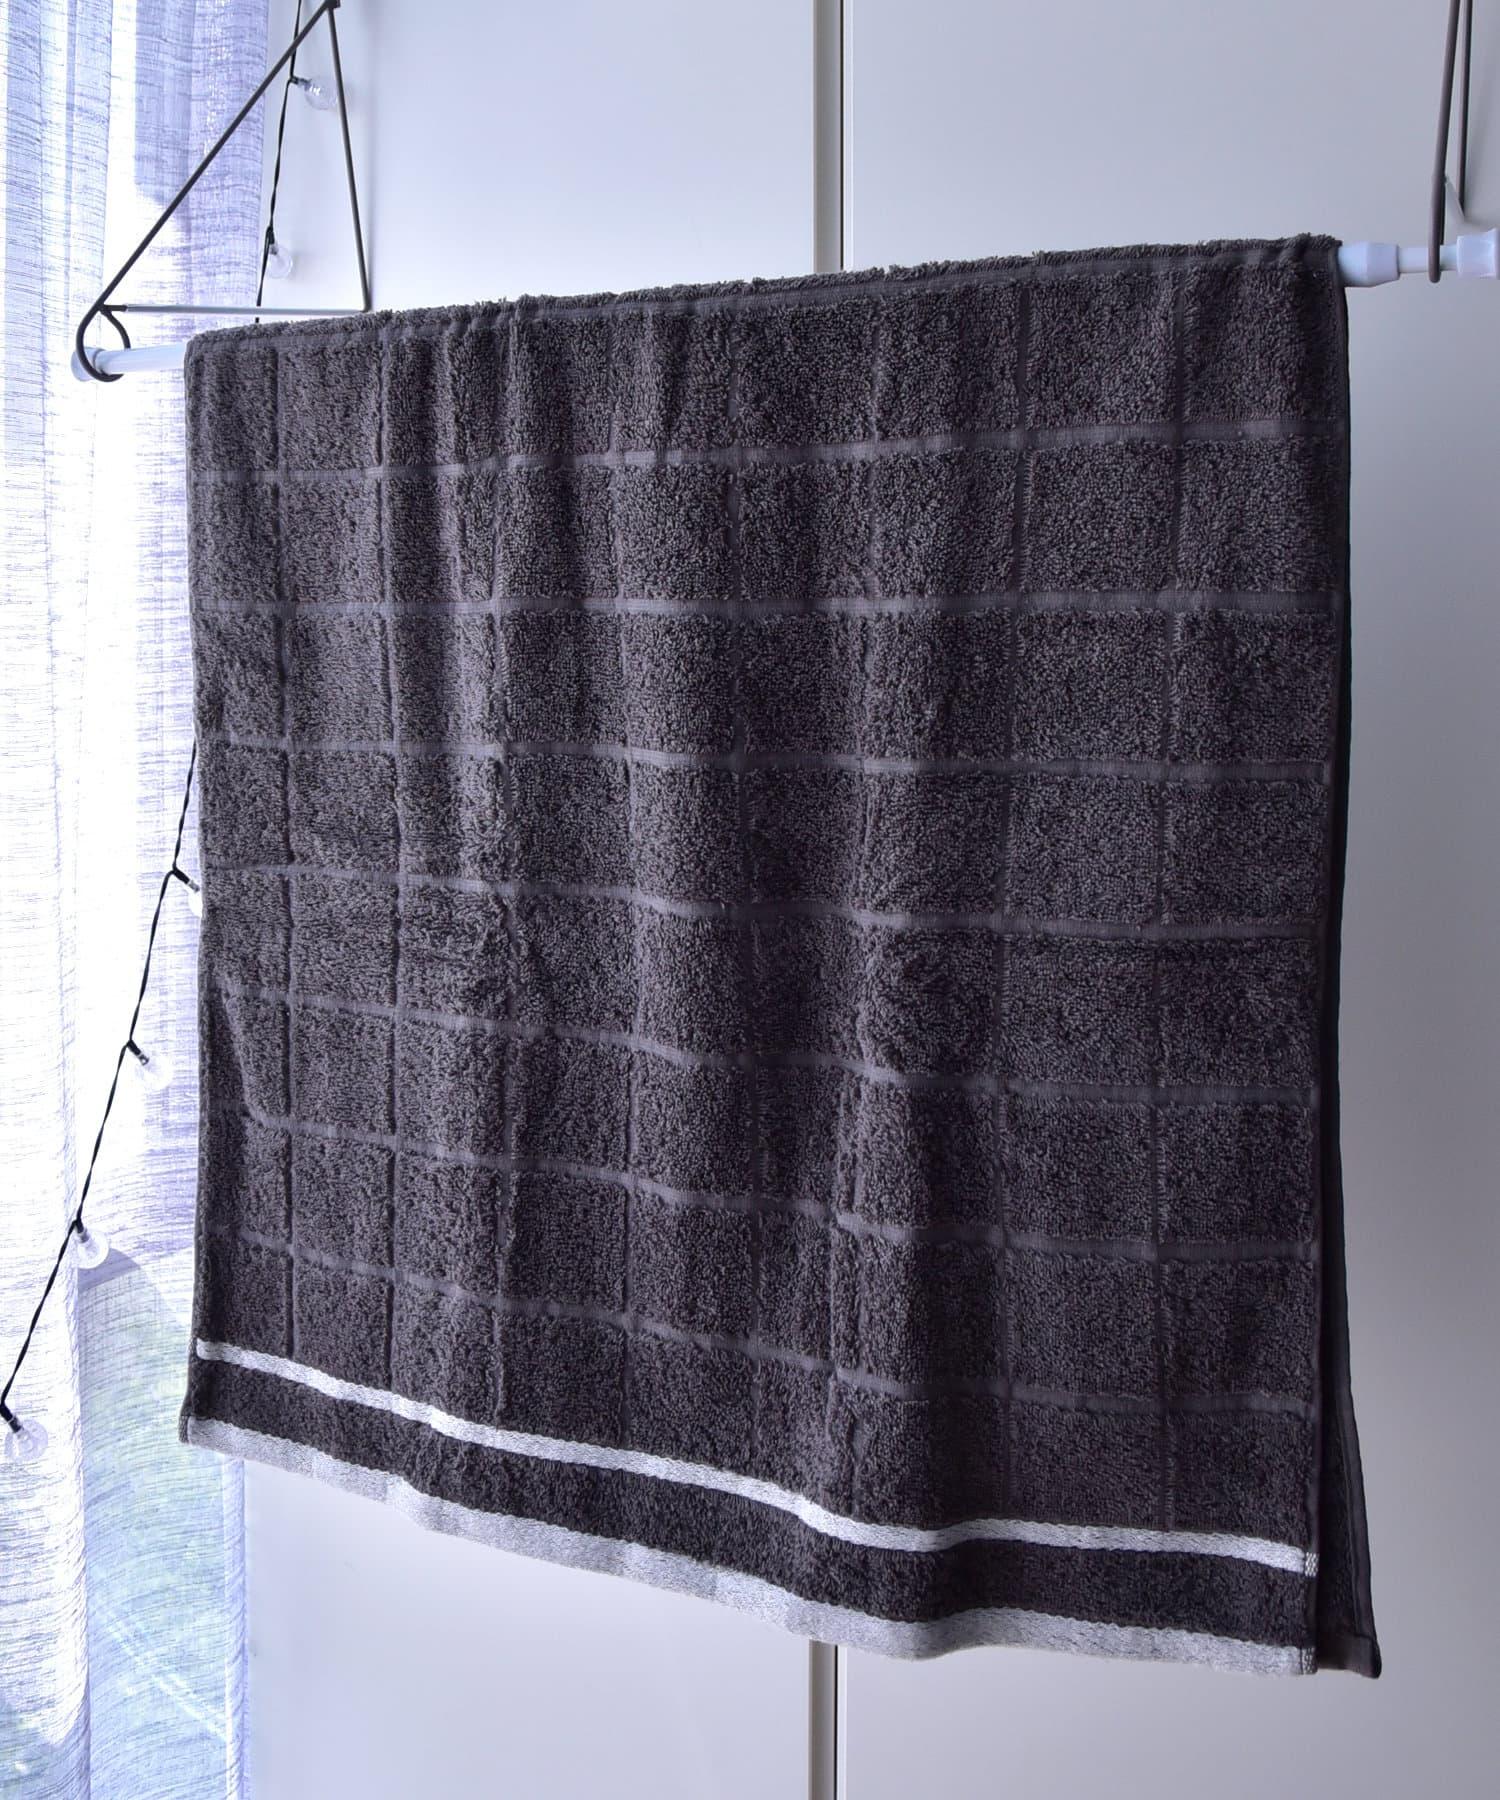 3COINS(スリーコインズ) 梅雨の時期の為だけに開発したバスタオル